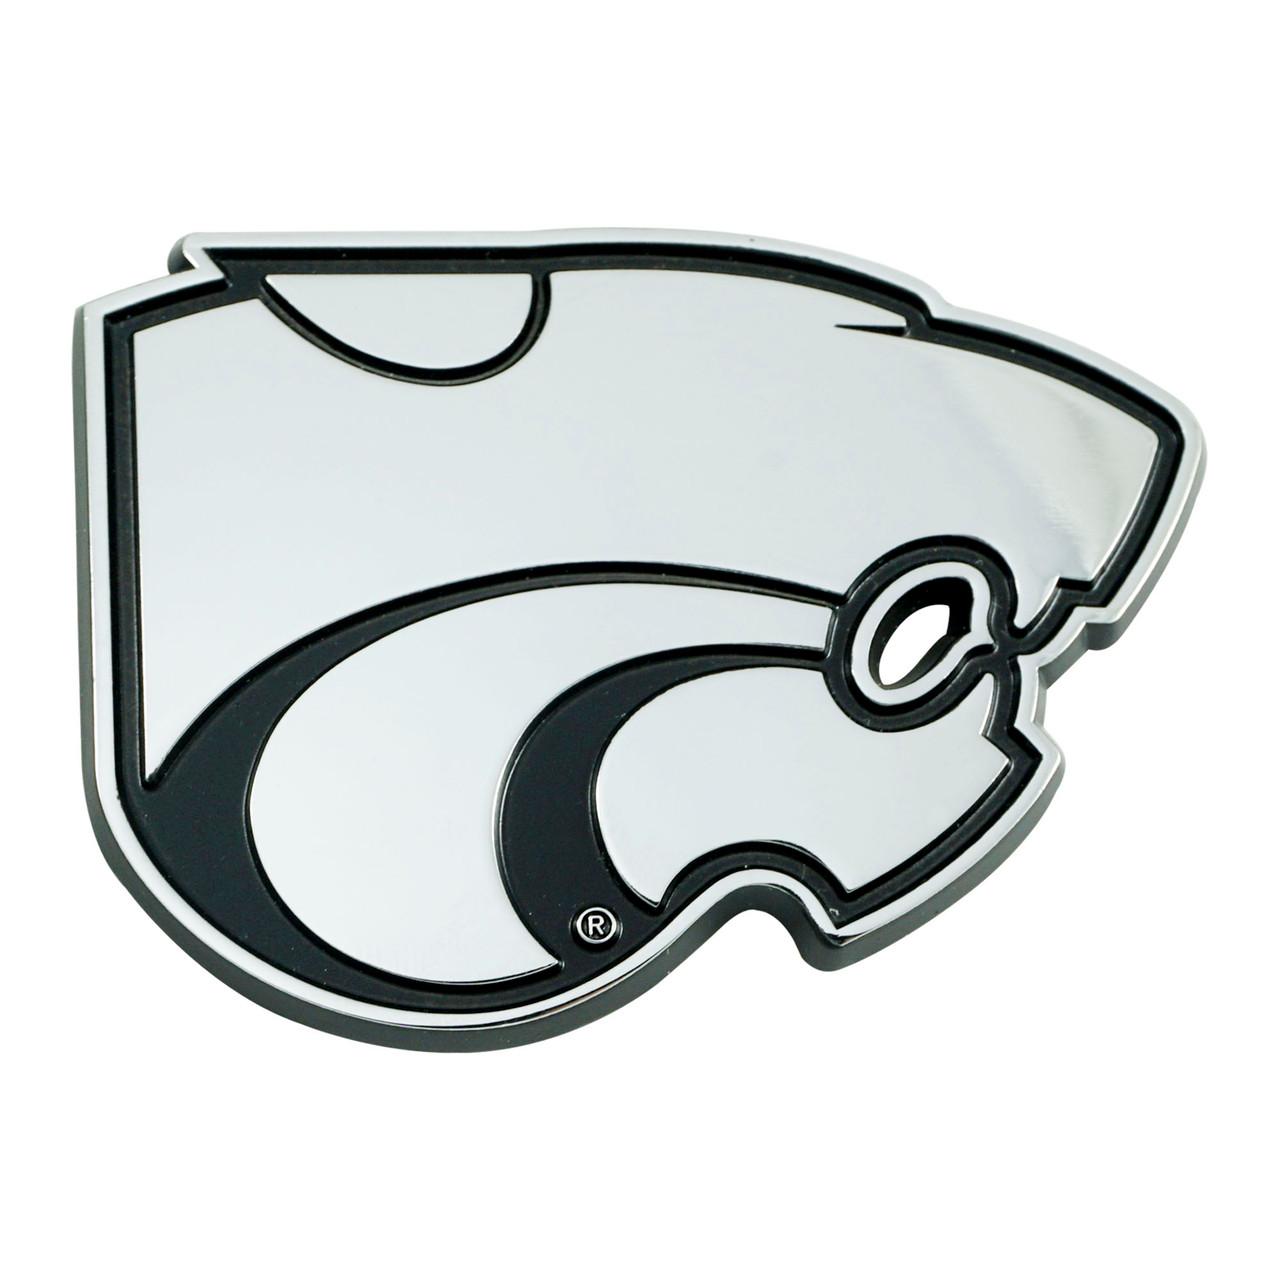 Kansas State Wildcats Auto Emblem Premium Metal Chrome